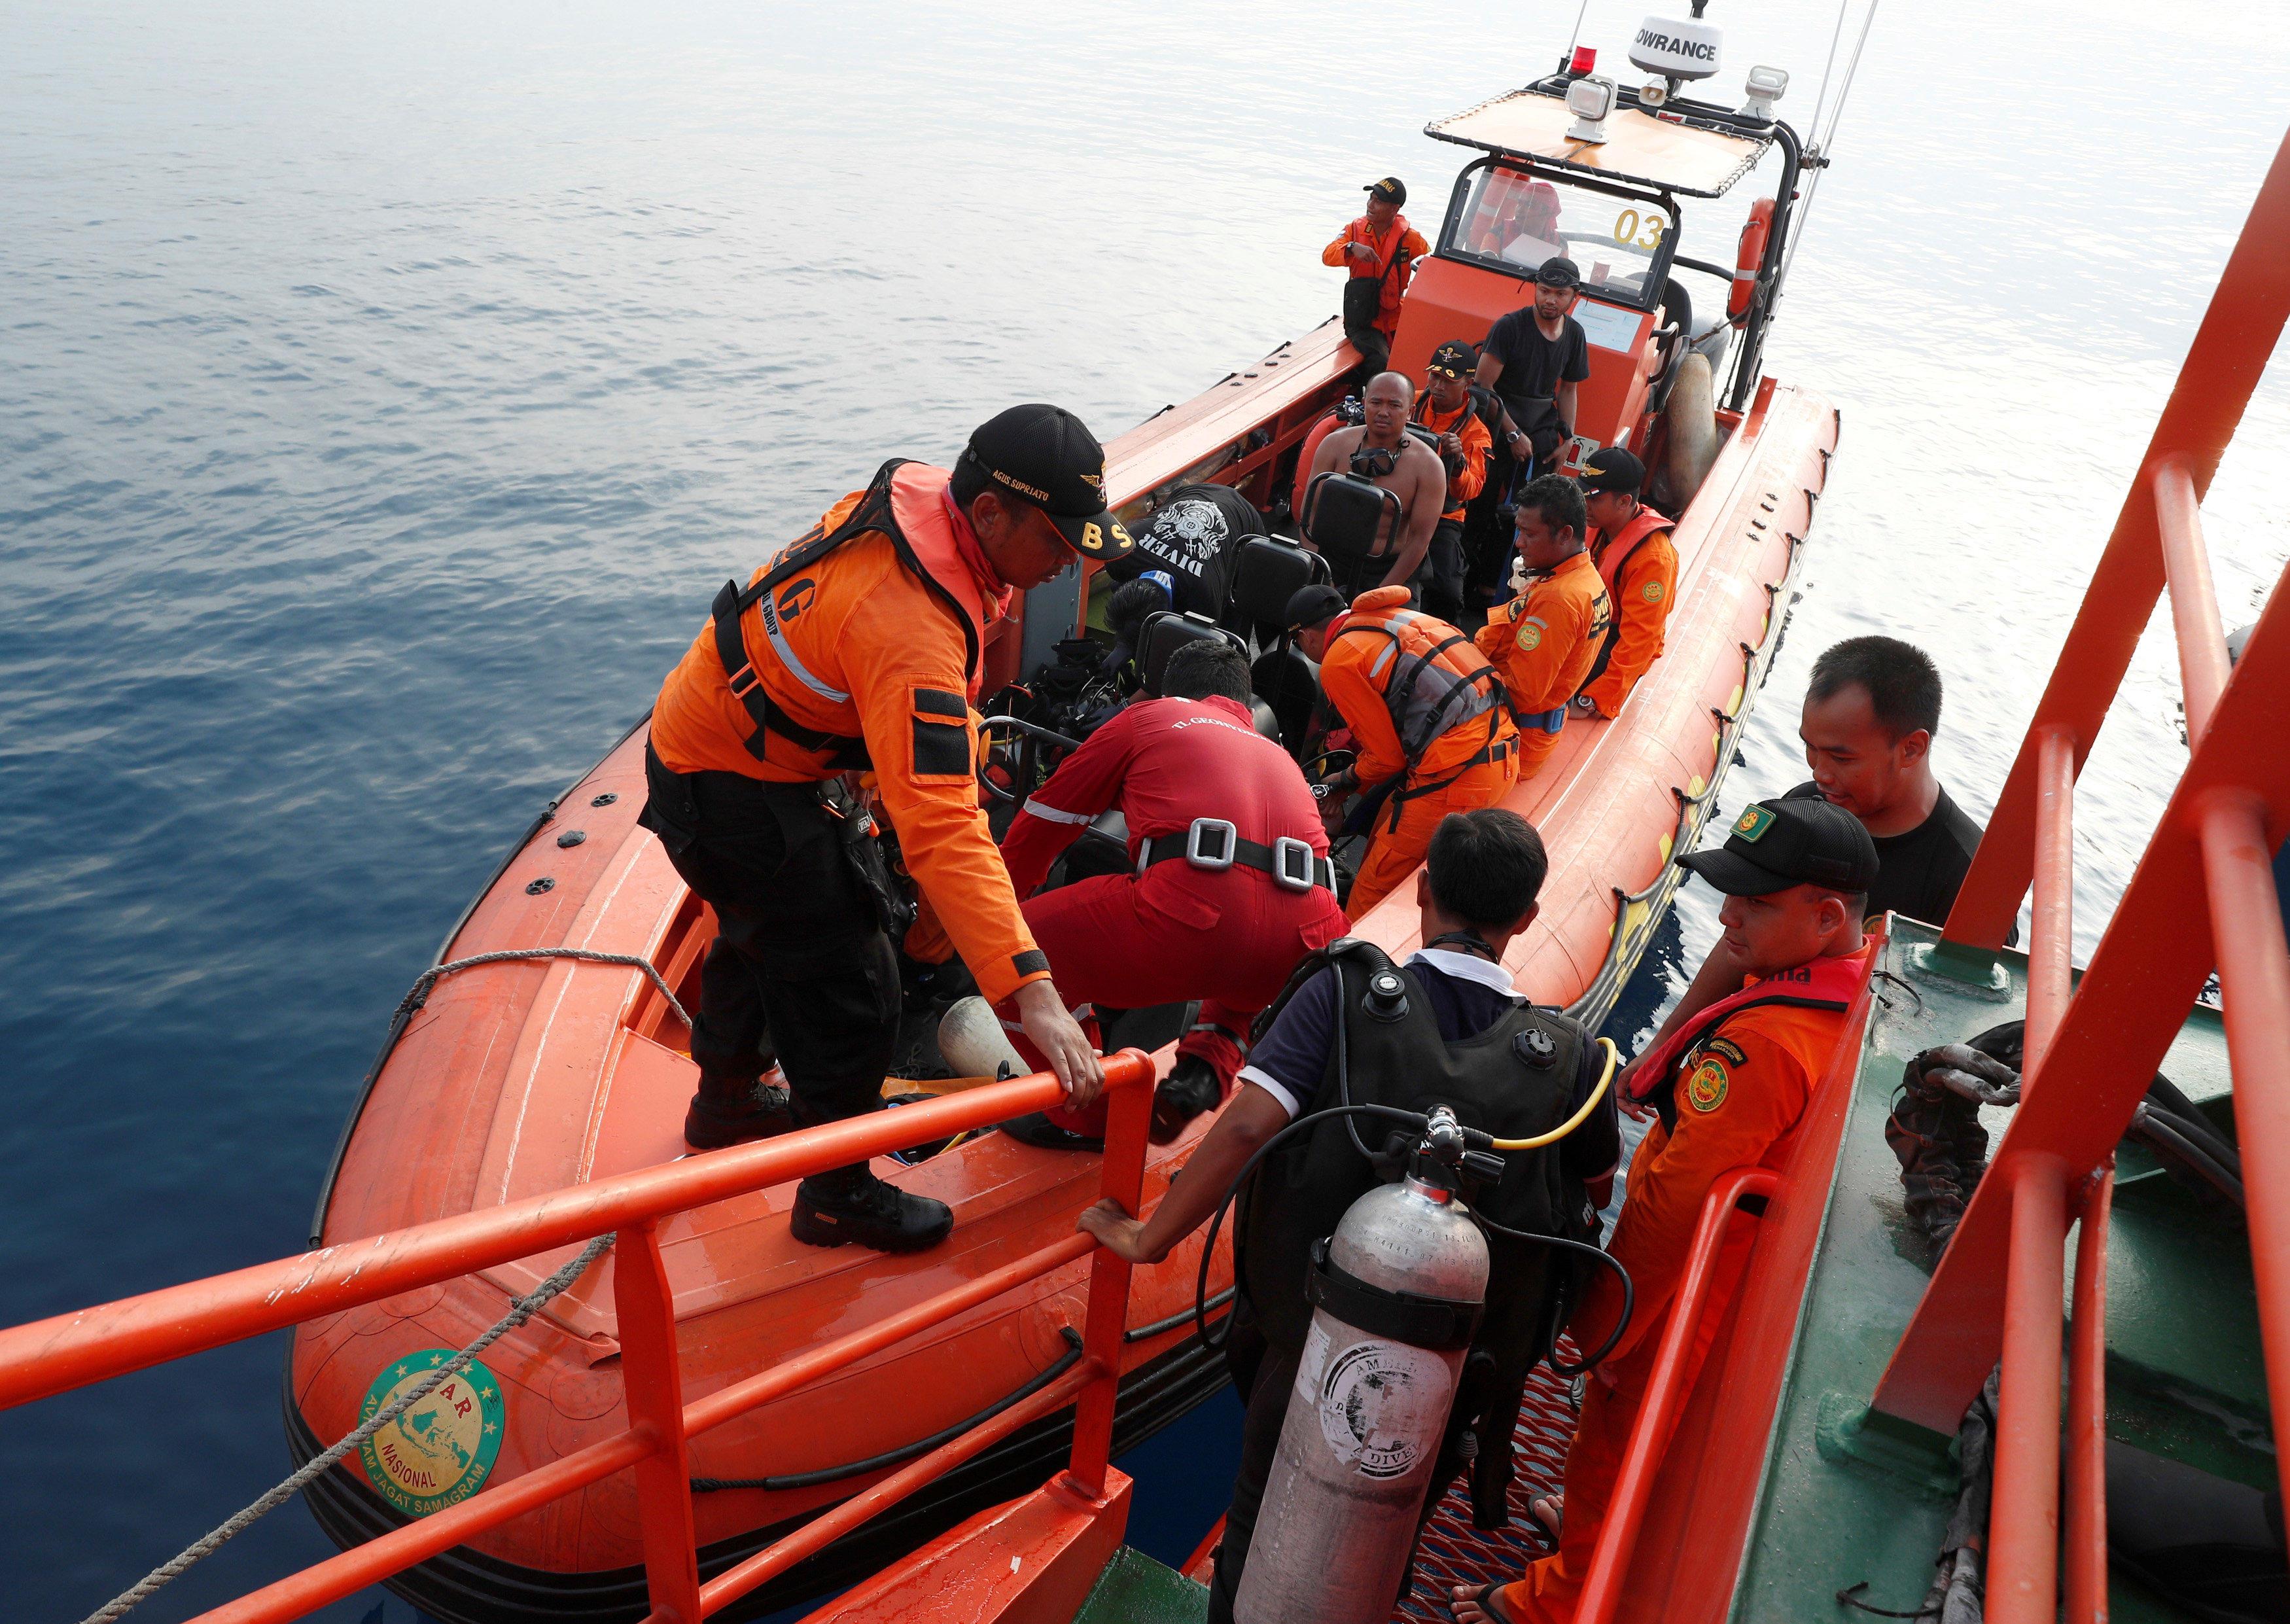 Lion Air plane crash: Passengers' bodies found still